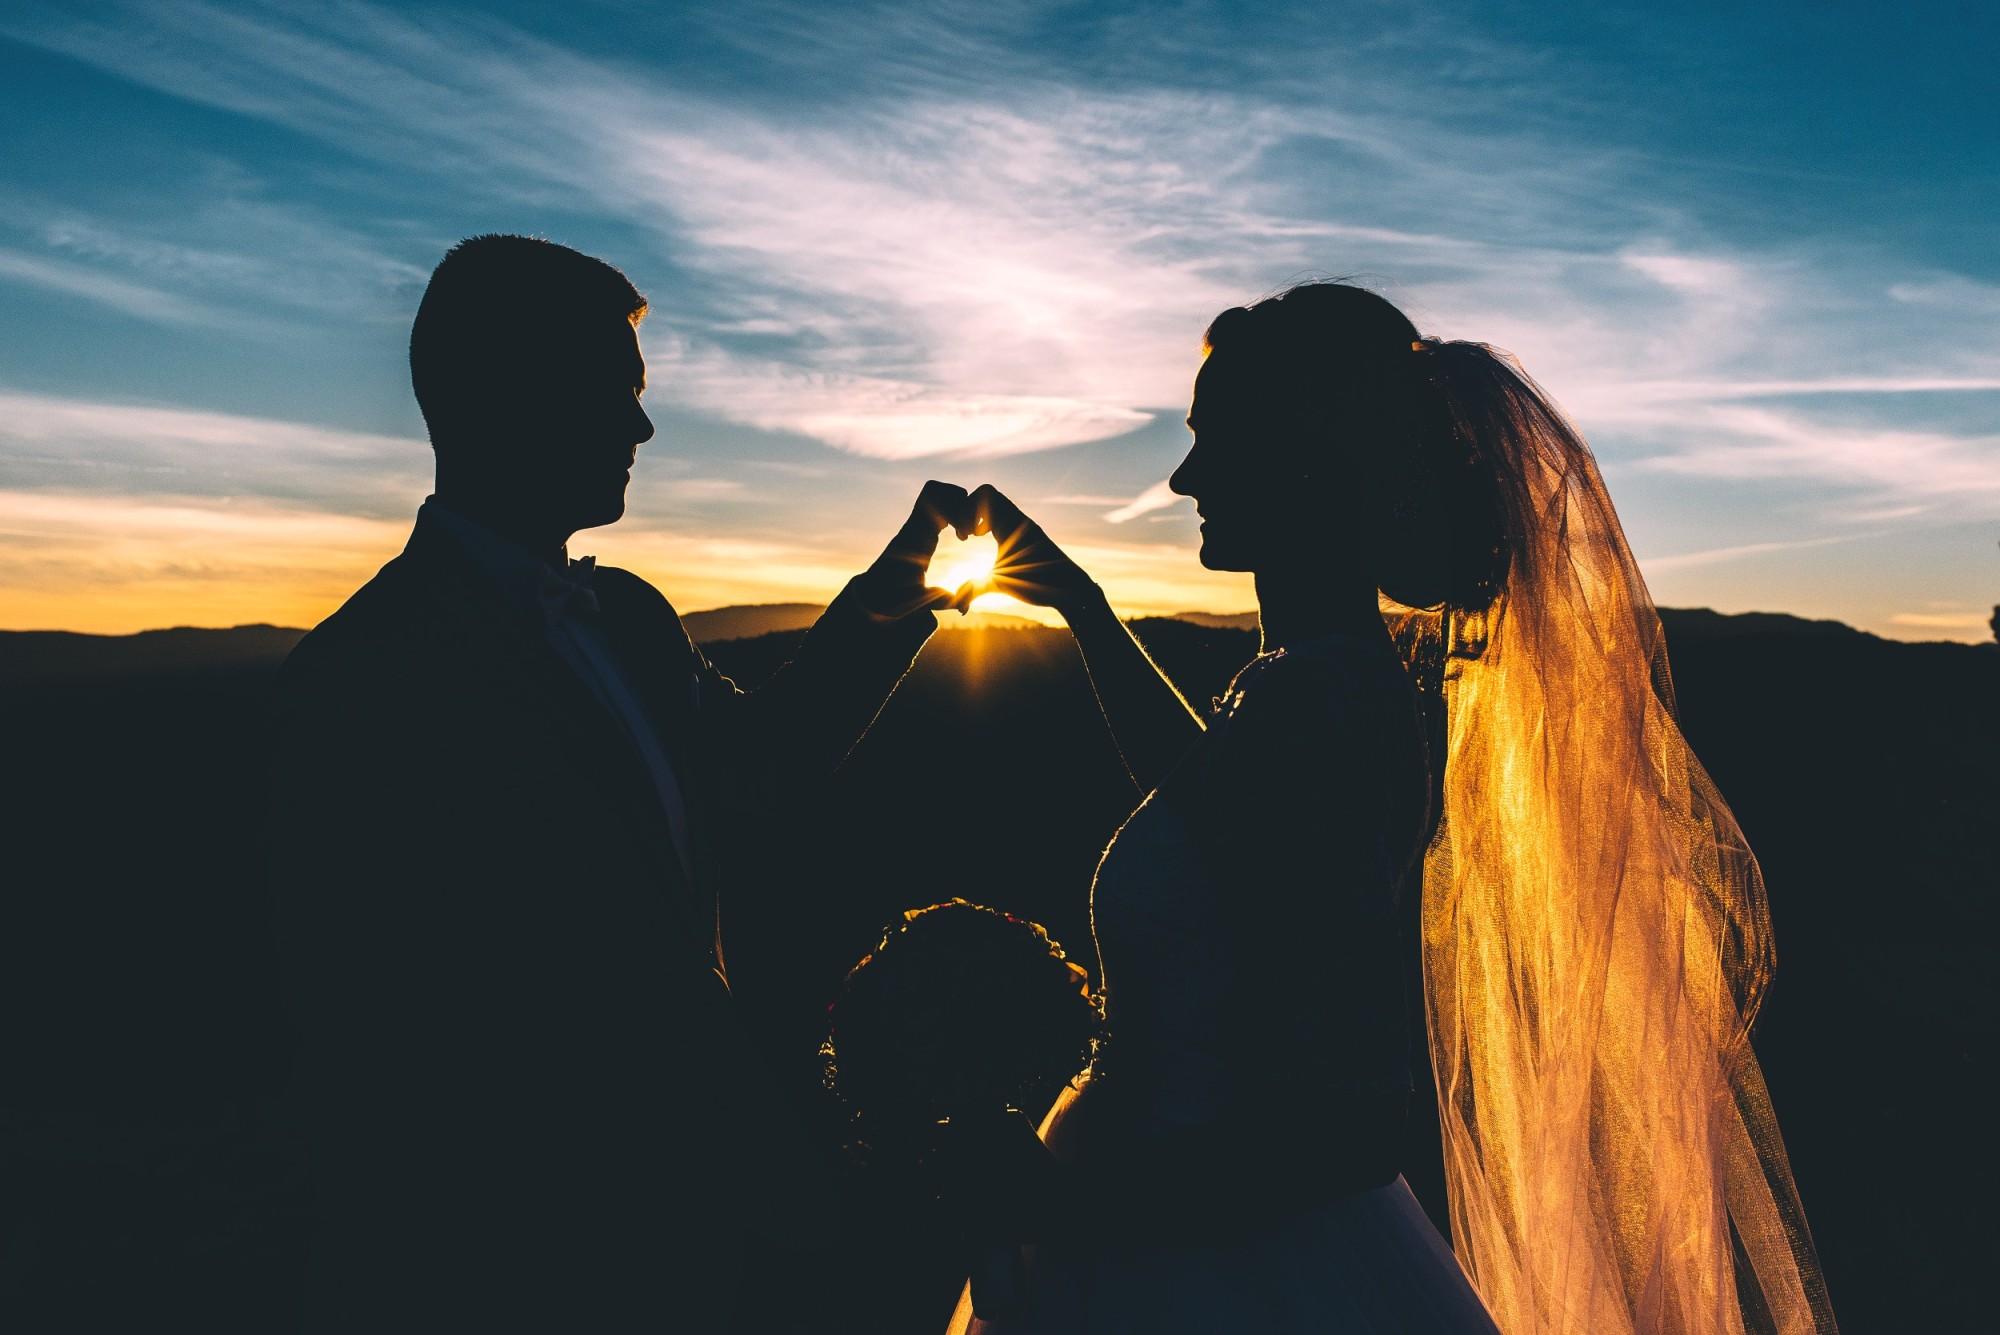 fotograf lubos krahulec, svadobny fotograf, slovensko, tatry, fotograf vychod, presov, kosice, poprad, najlepsie svadobne fotky